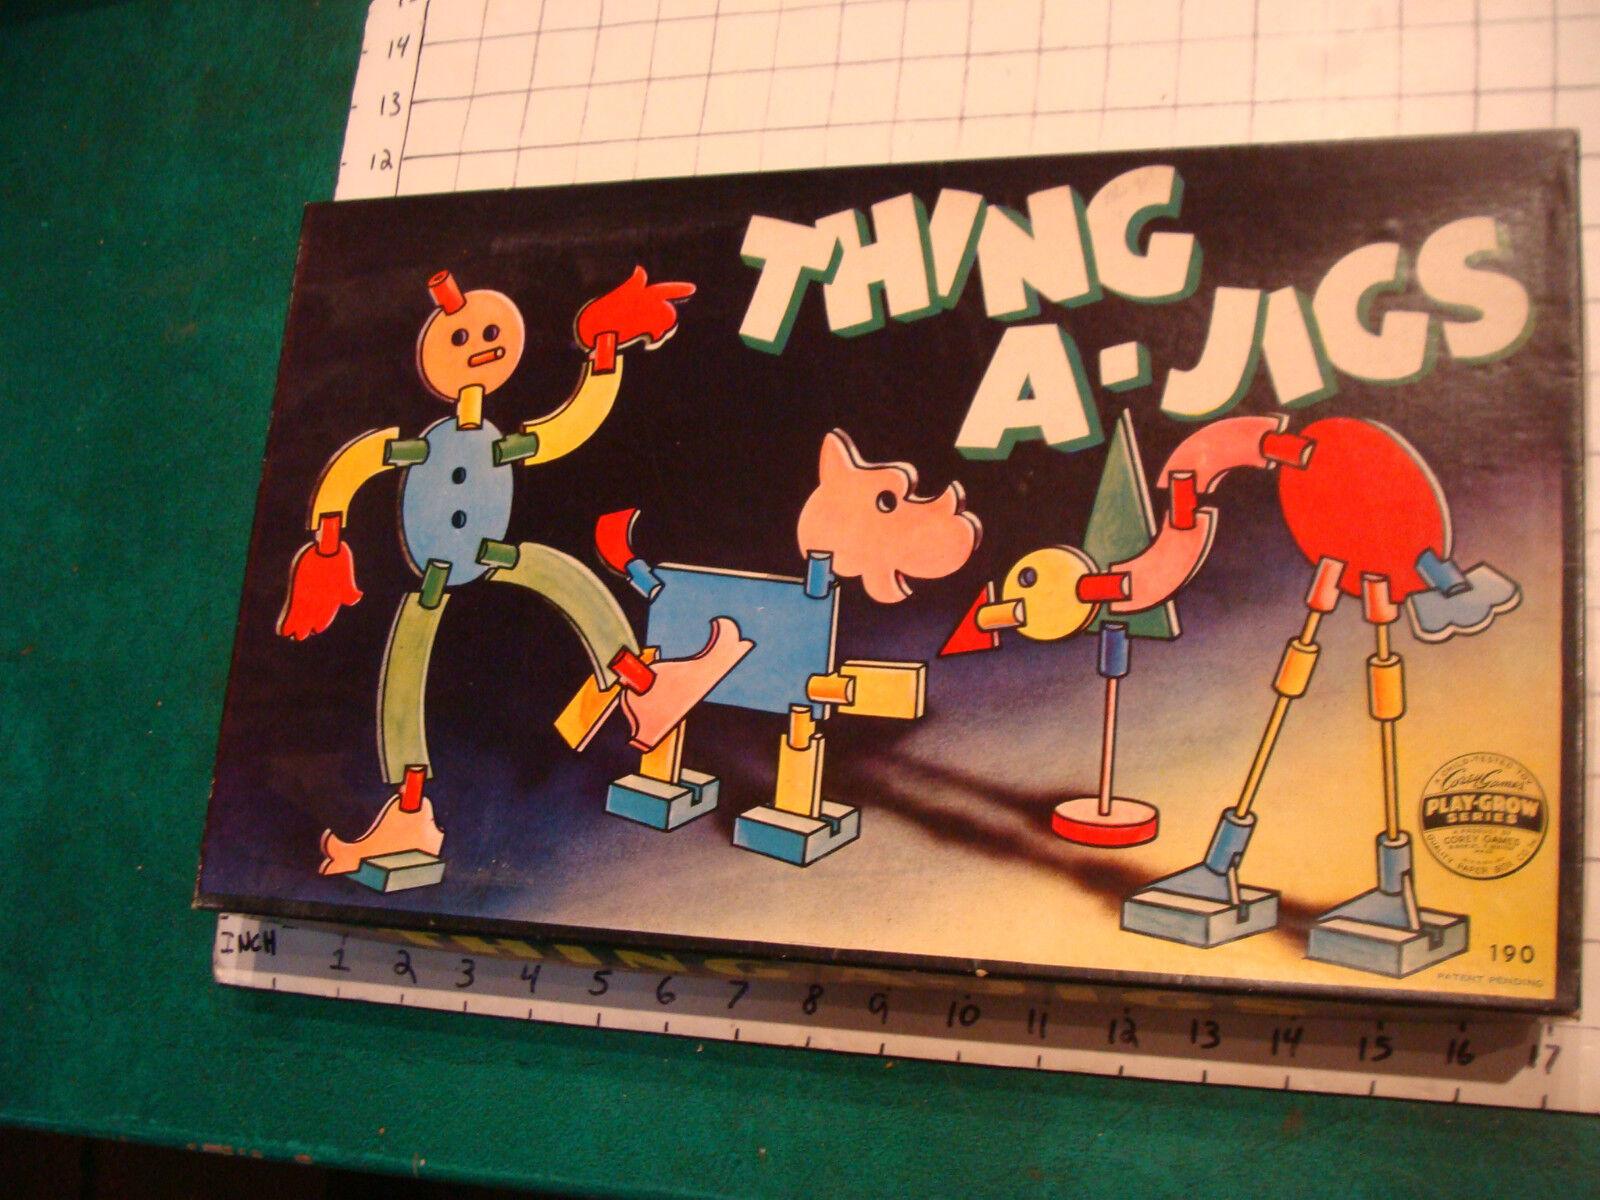 Cosa a-Jig sin usar juguete del juego crece Serie, Corey Juegos, 1943